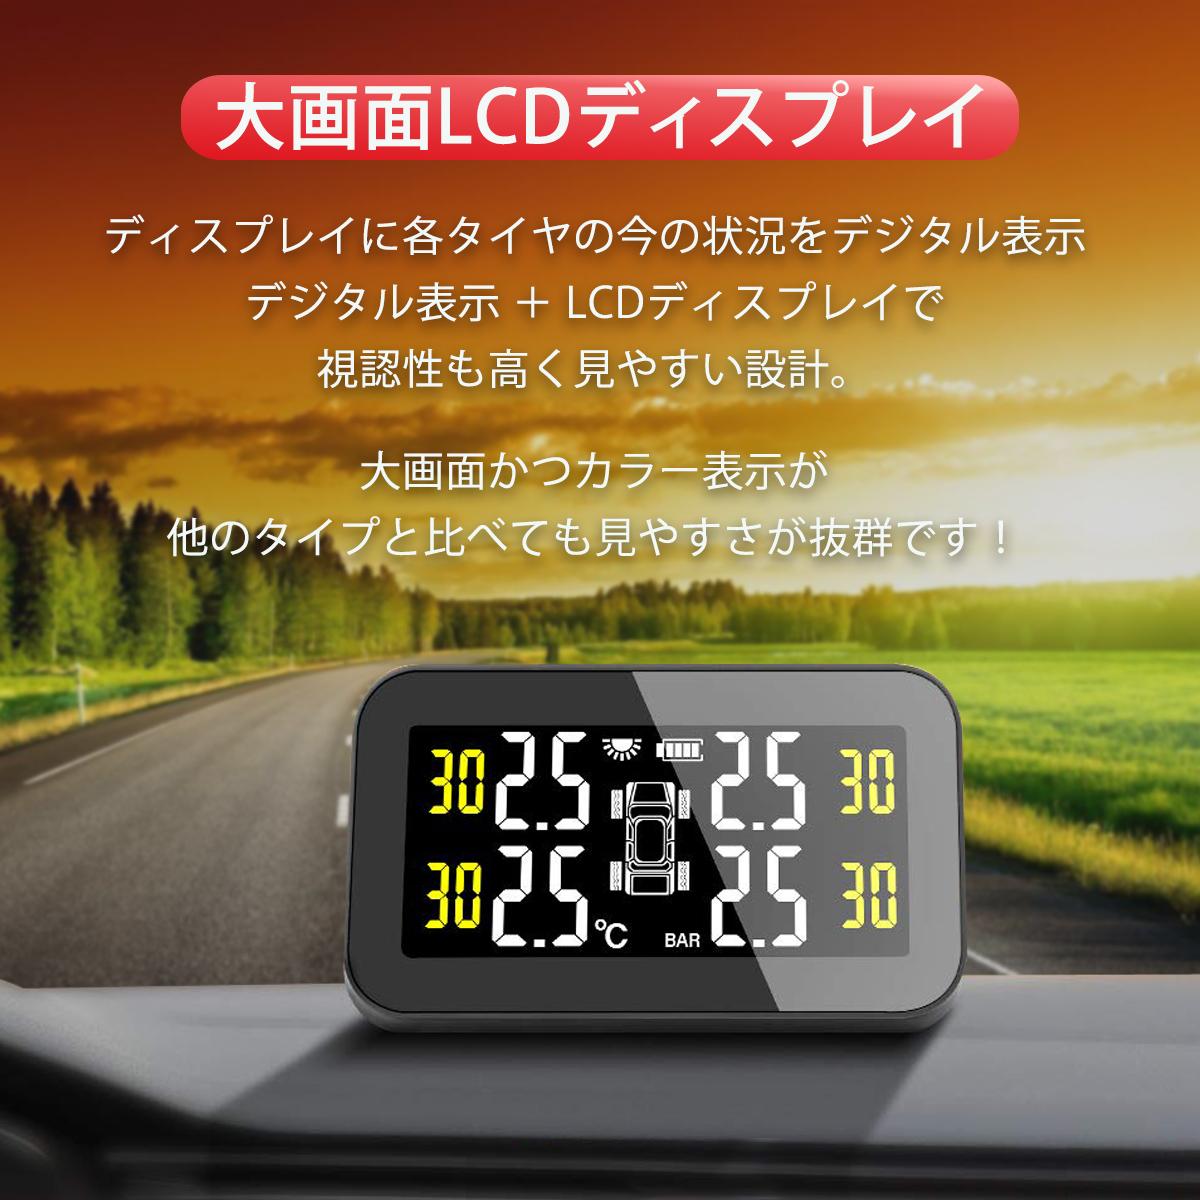 タイヤ空気圧センサー C280 タイヤ空気圧モニター タイヤ空気圧監視システム TPMS ワイヤレス タイヤ モニタリング 空気圧 温度 リアルタイム監視 計測 ソーラー充電 USB充電 LCD ディスプレイ 無線 振動感知 取付簡単 技適 日本語マニュアル付き 宅配便送料無料 1ヶ月保証